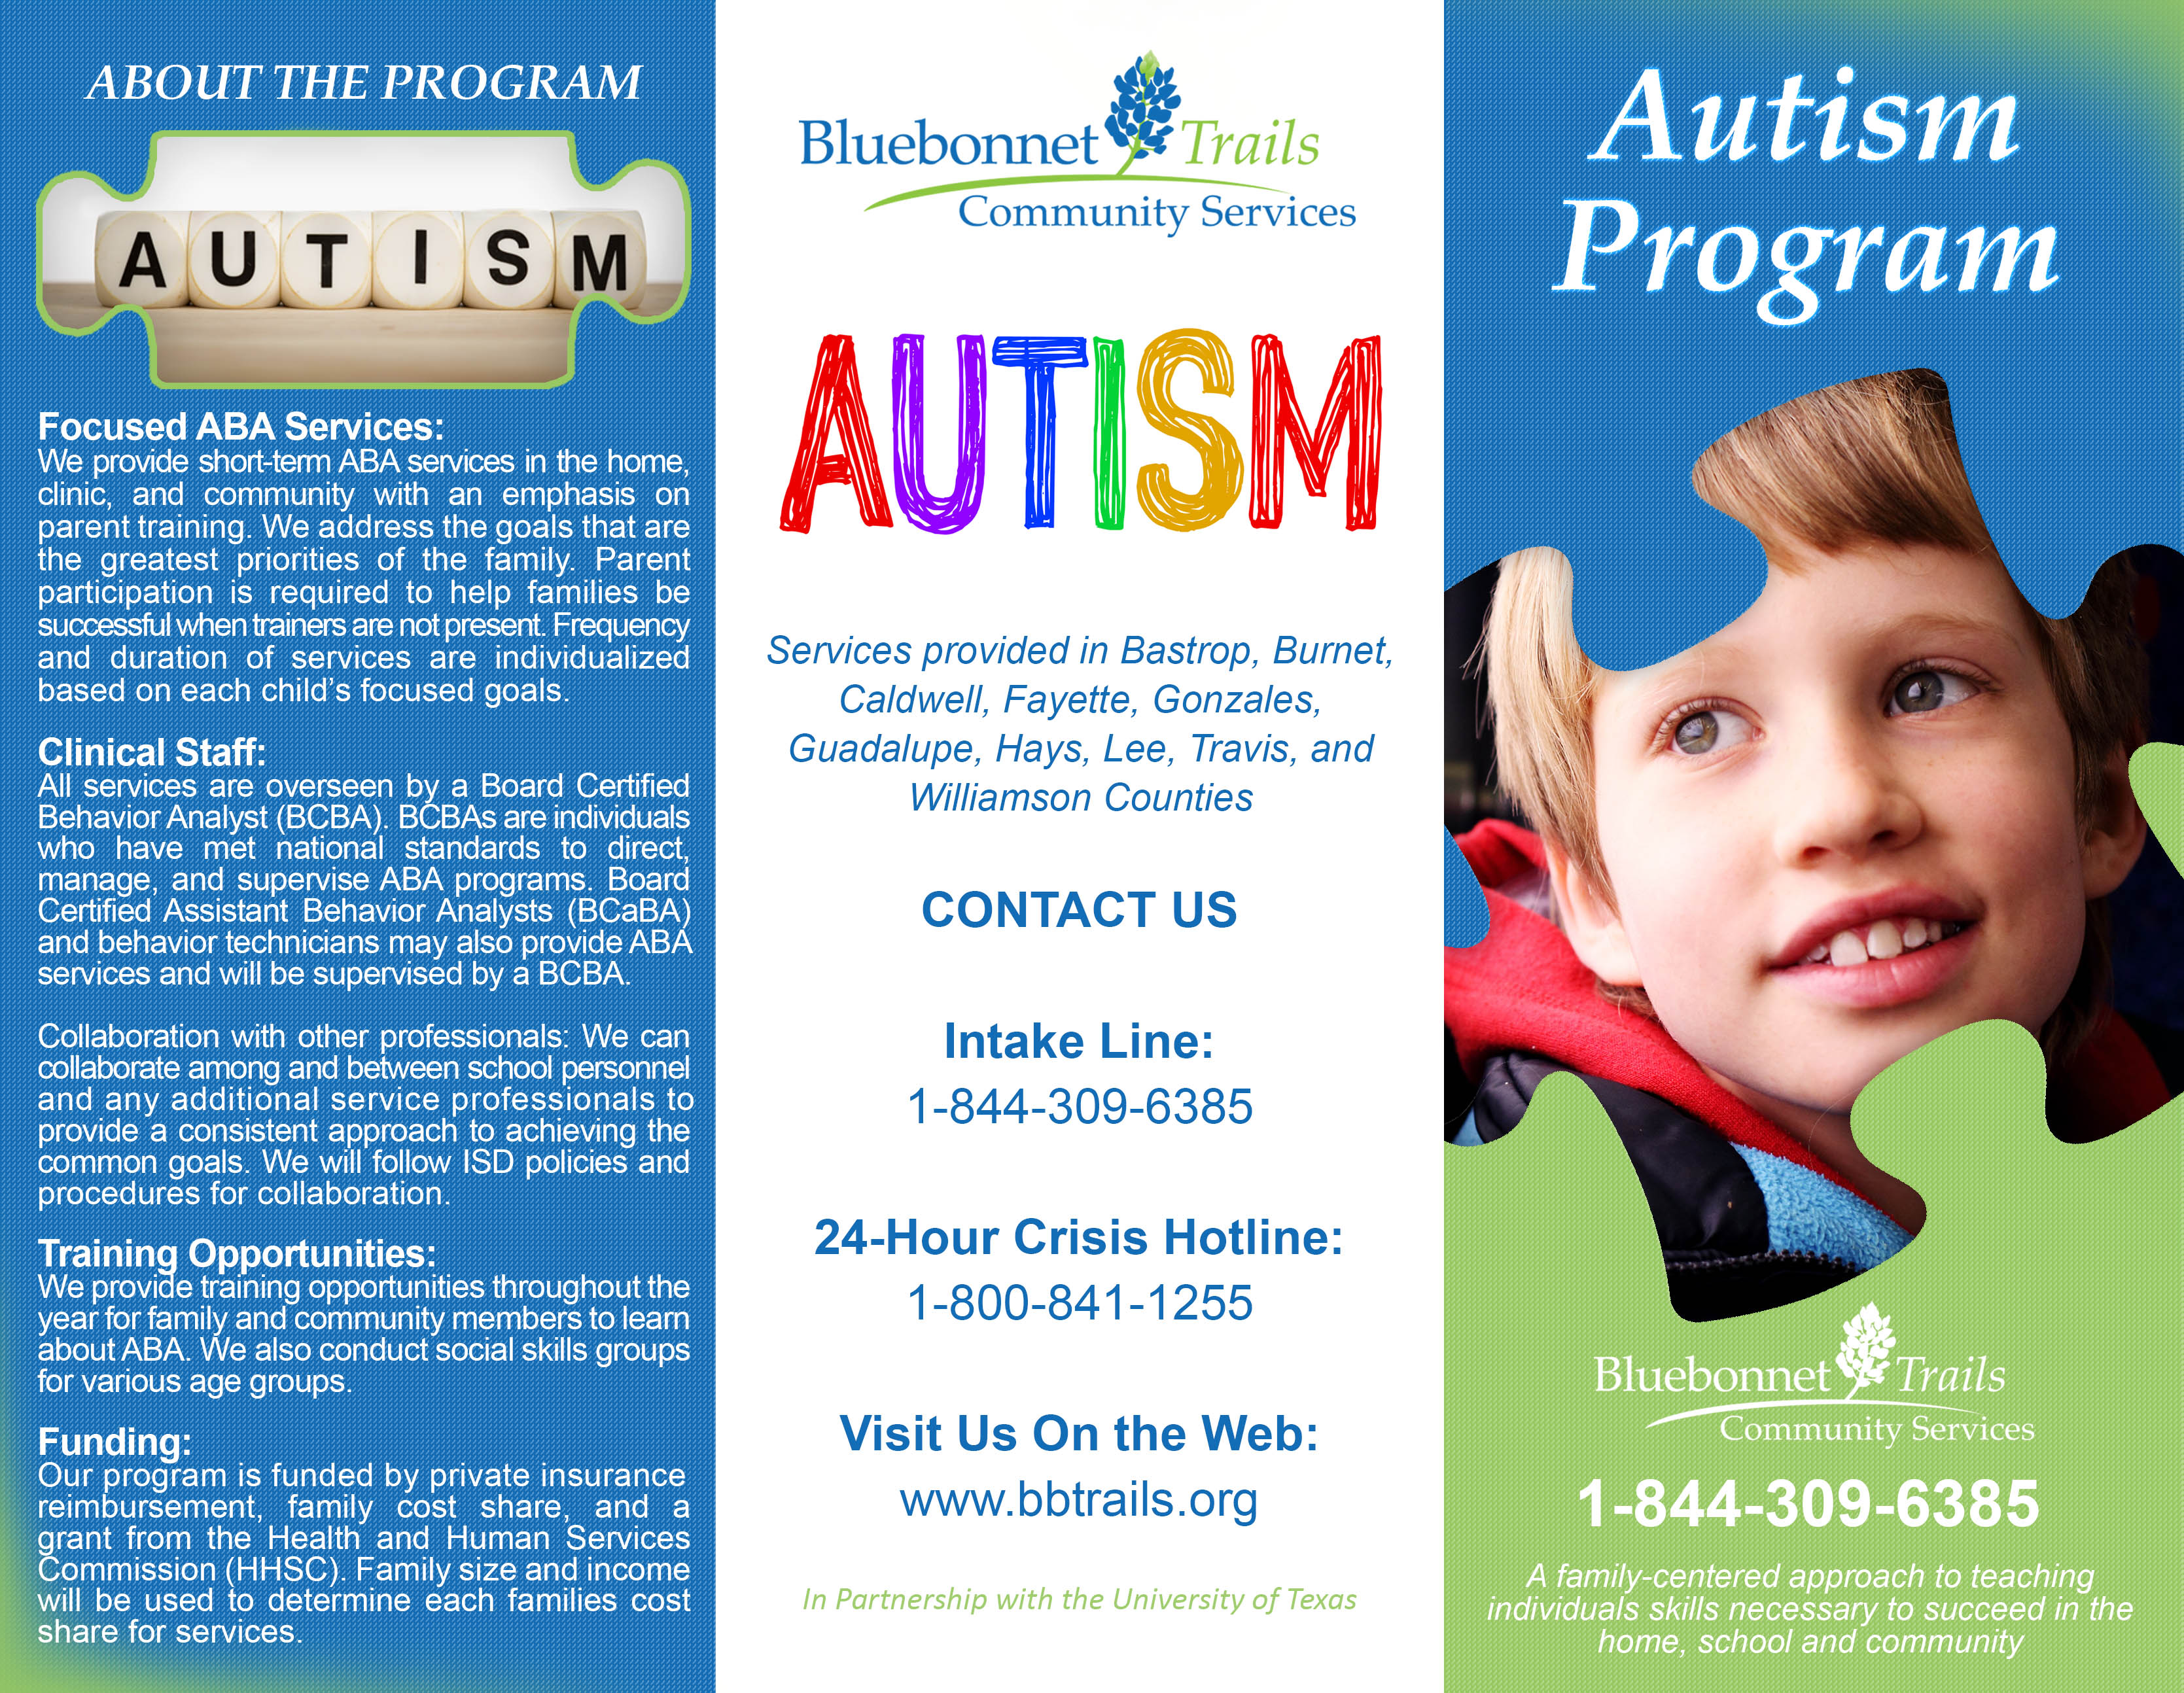 Autism Services | Bluebonnet Trails Community Services